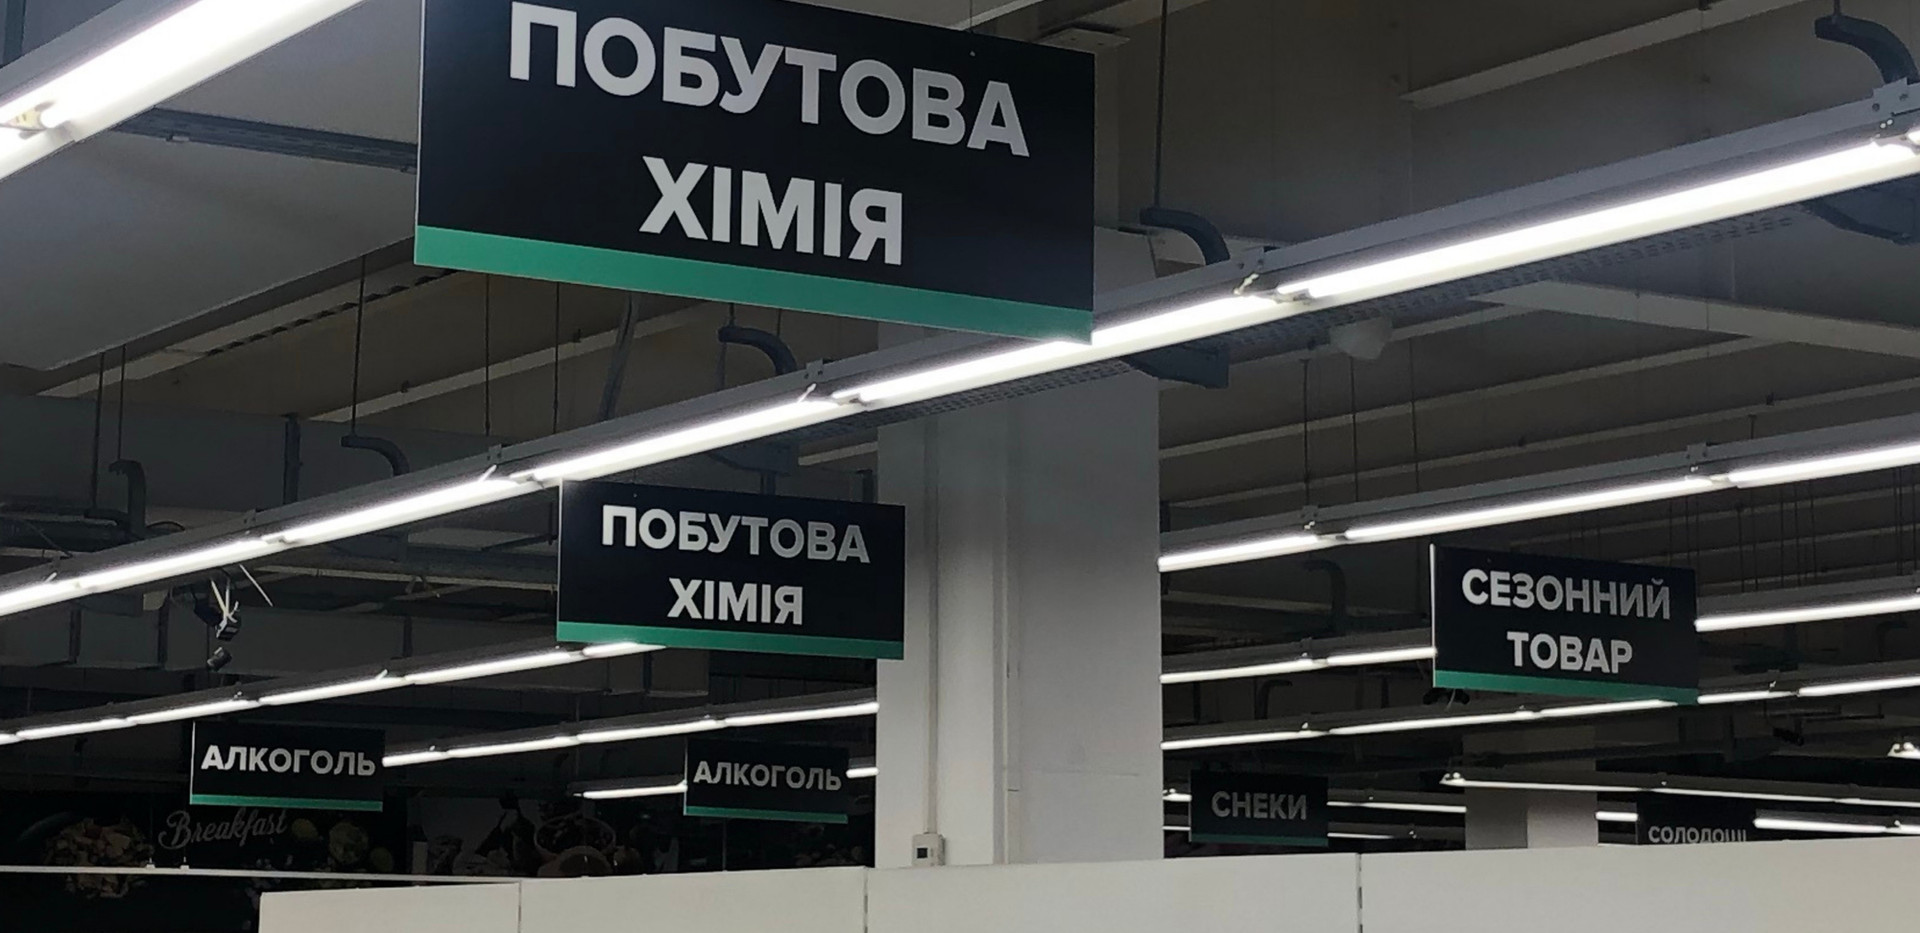 Рекламное оформление магазина.jpg